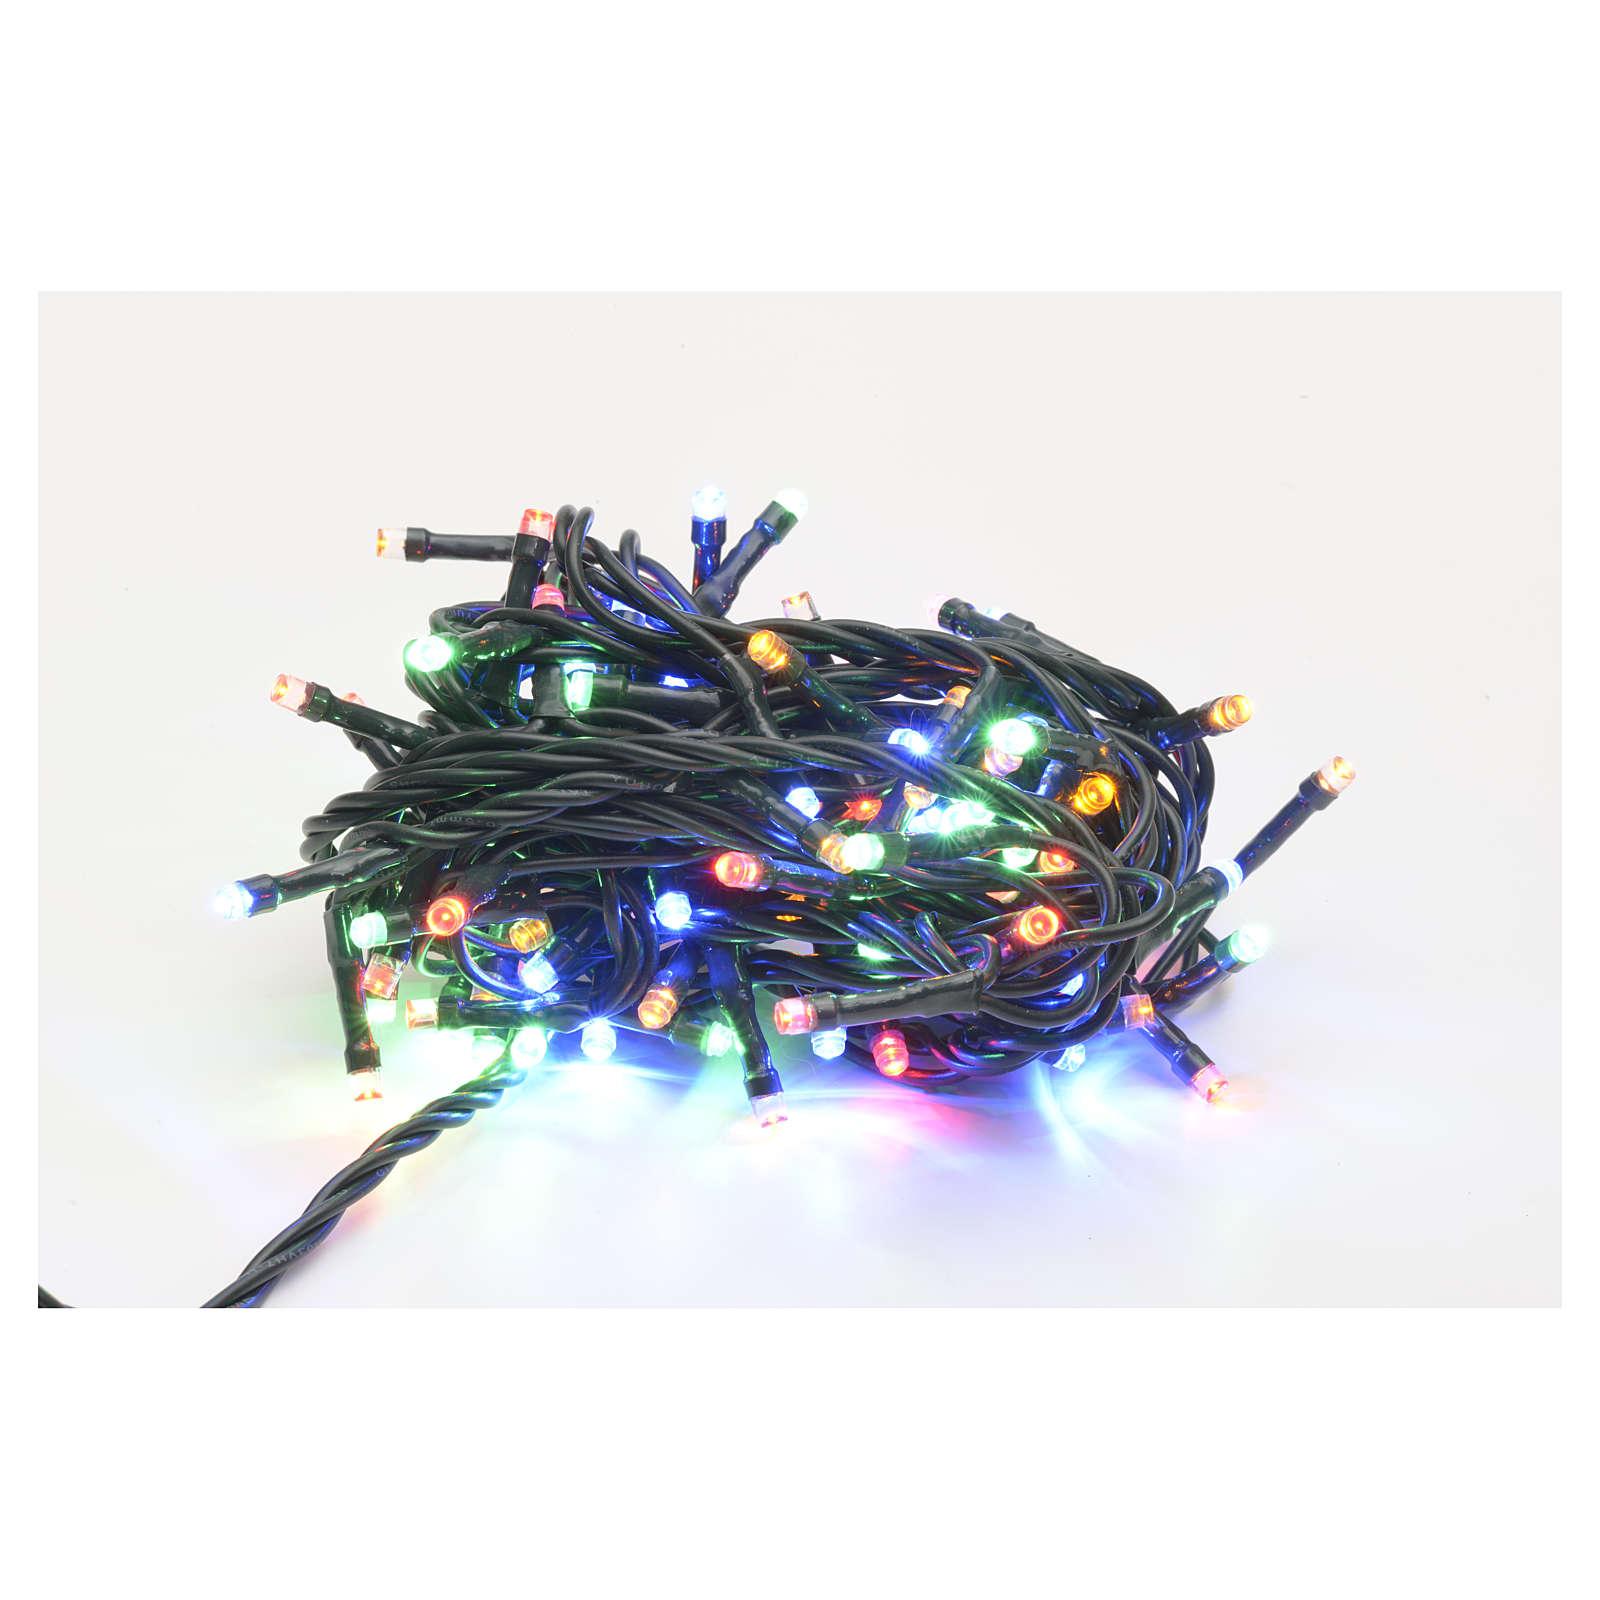 Éclairage de Noël 100 leds multicolore intéri 3